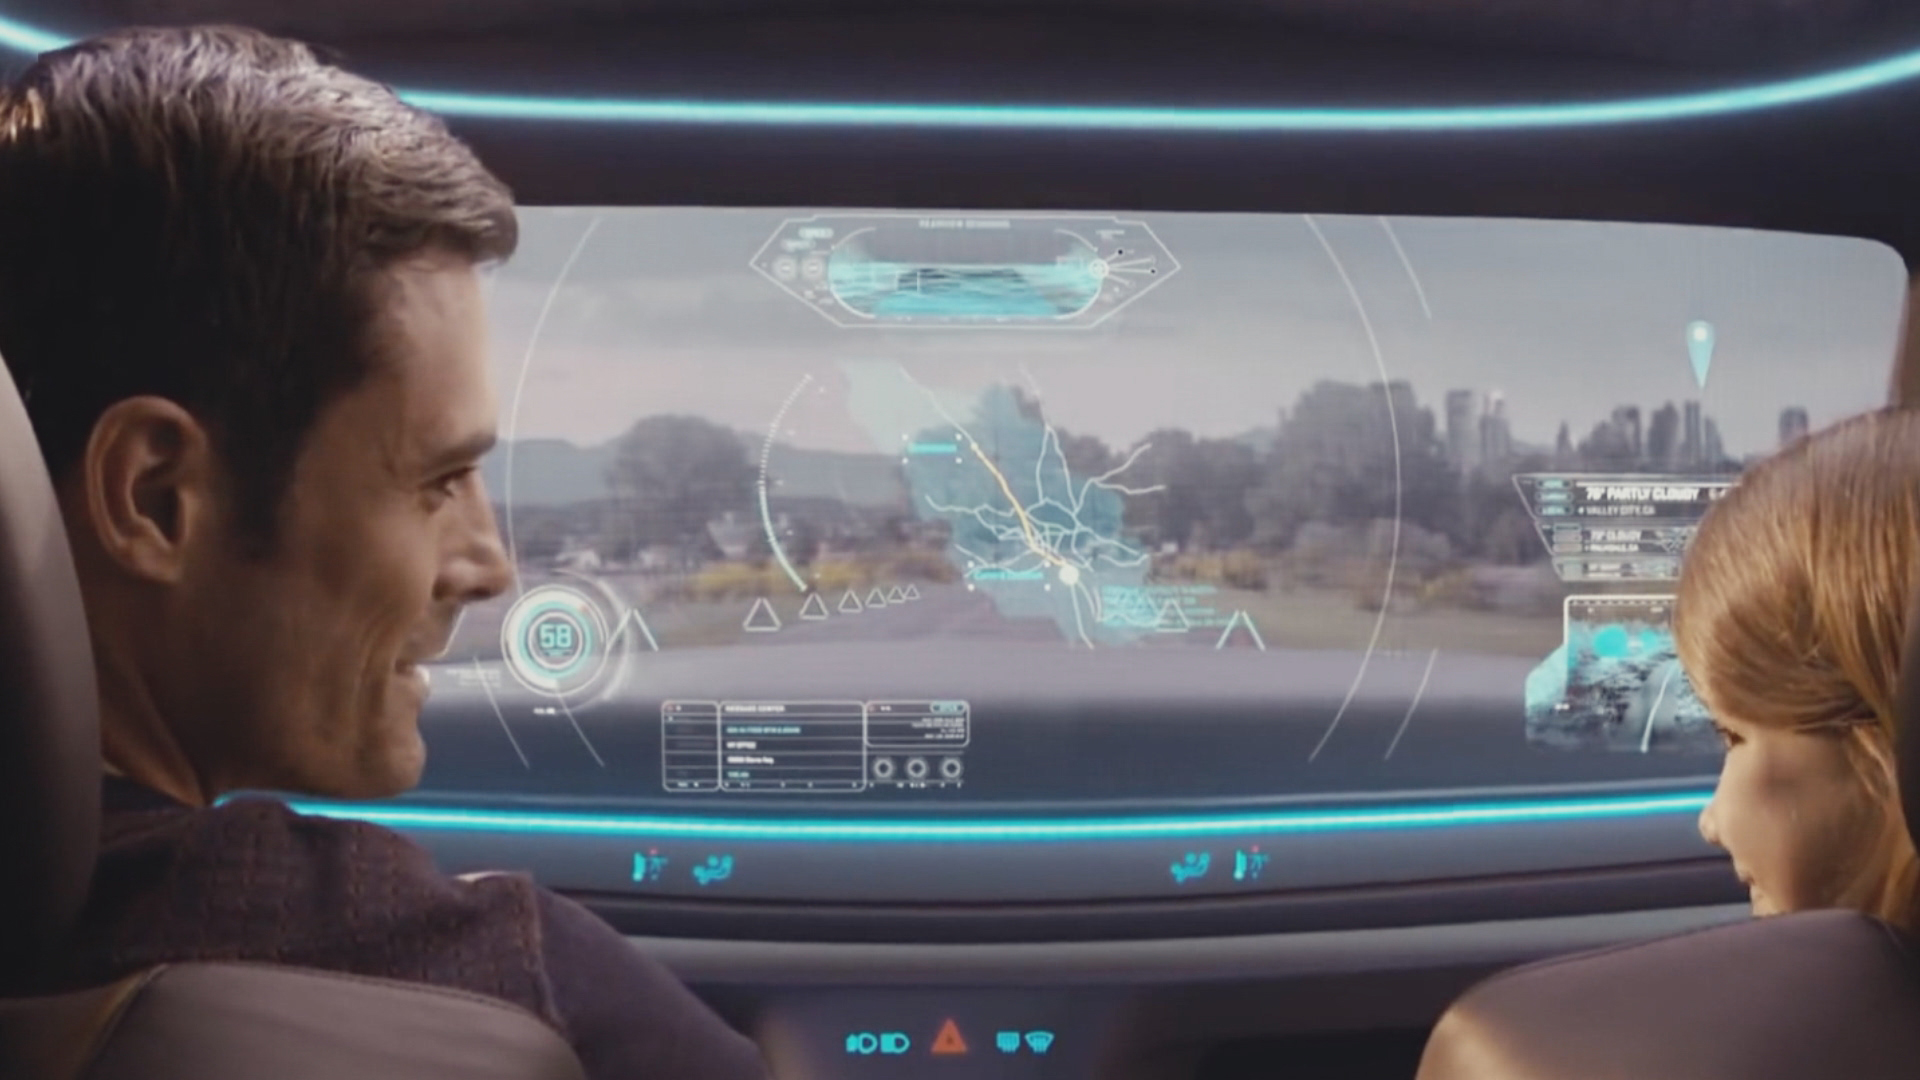 """PÚBLICO - """"Se o futuro passasse por carros voadores, como iríamos gerir o tráfego áereo?"""""""